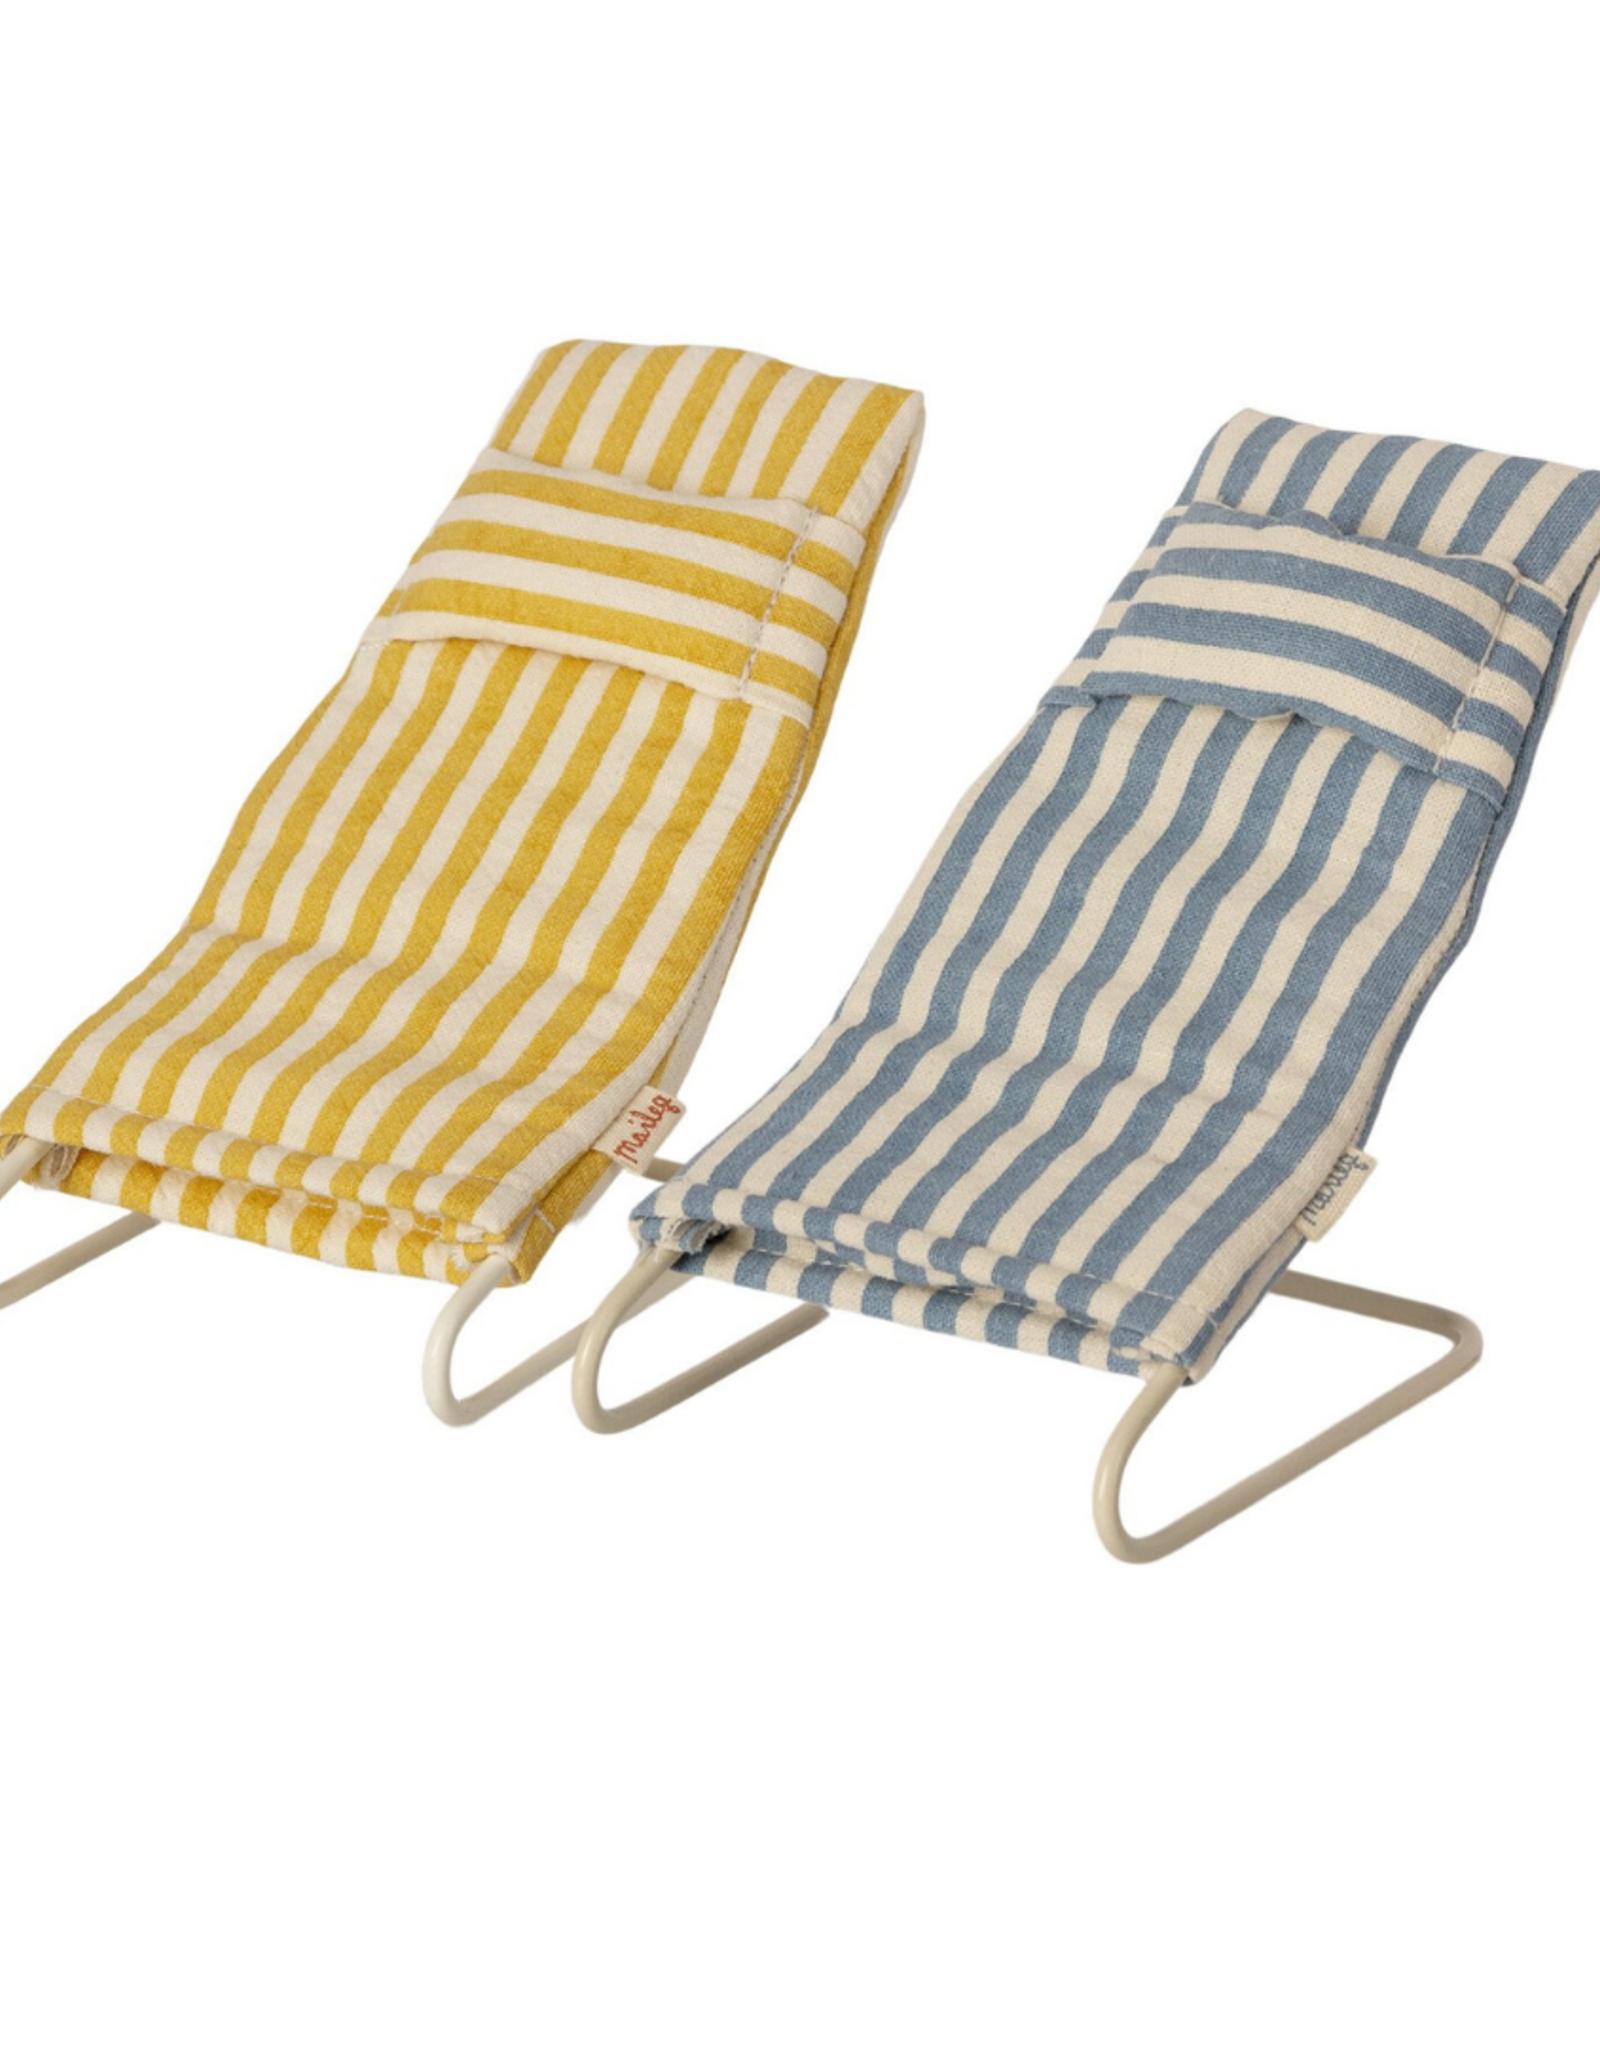 Maileg Beach Chair Set